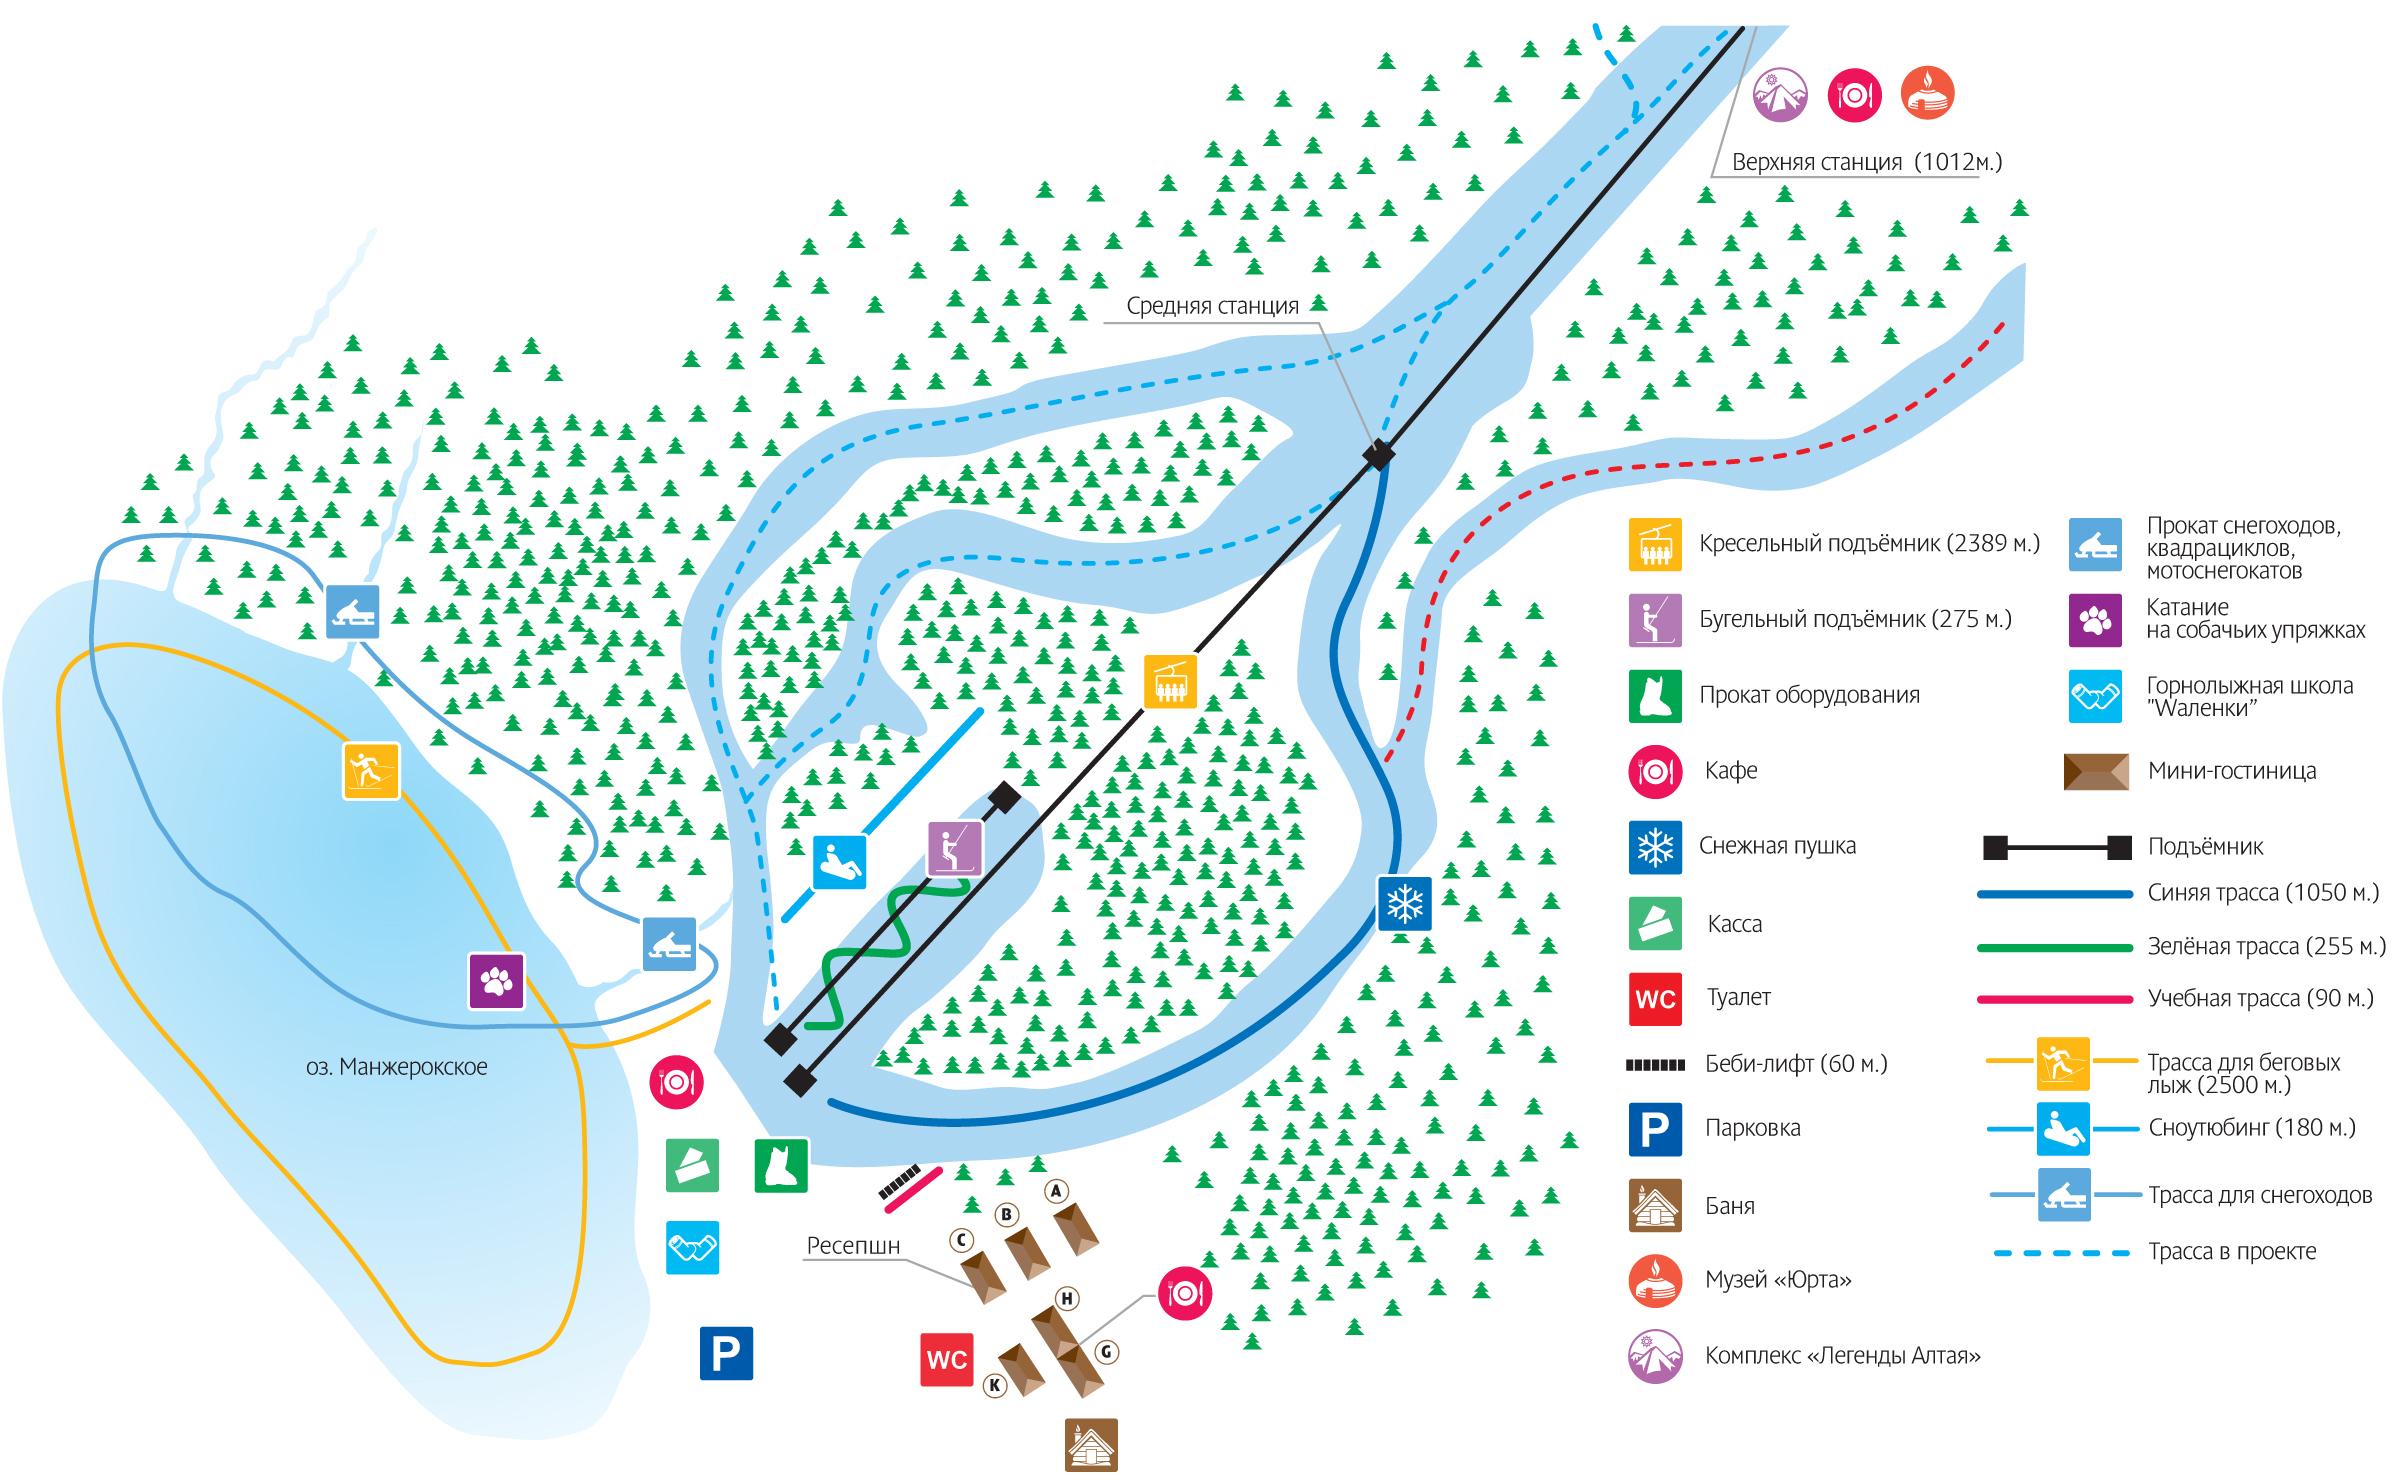 схема трасс манжерок